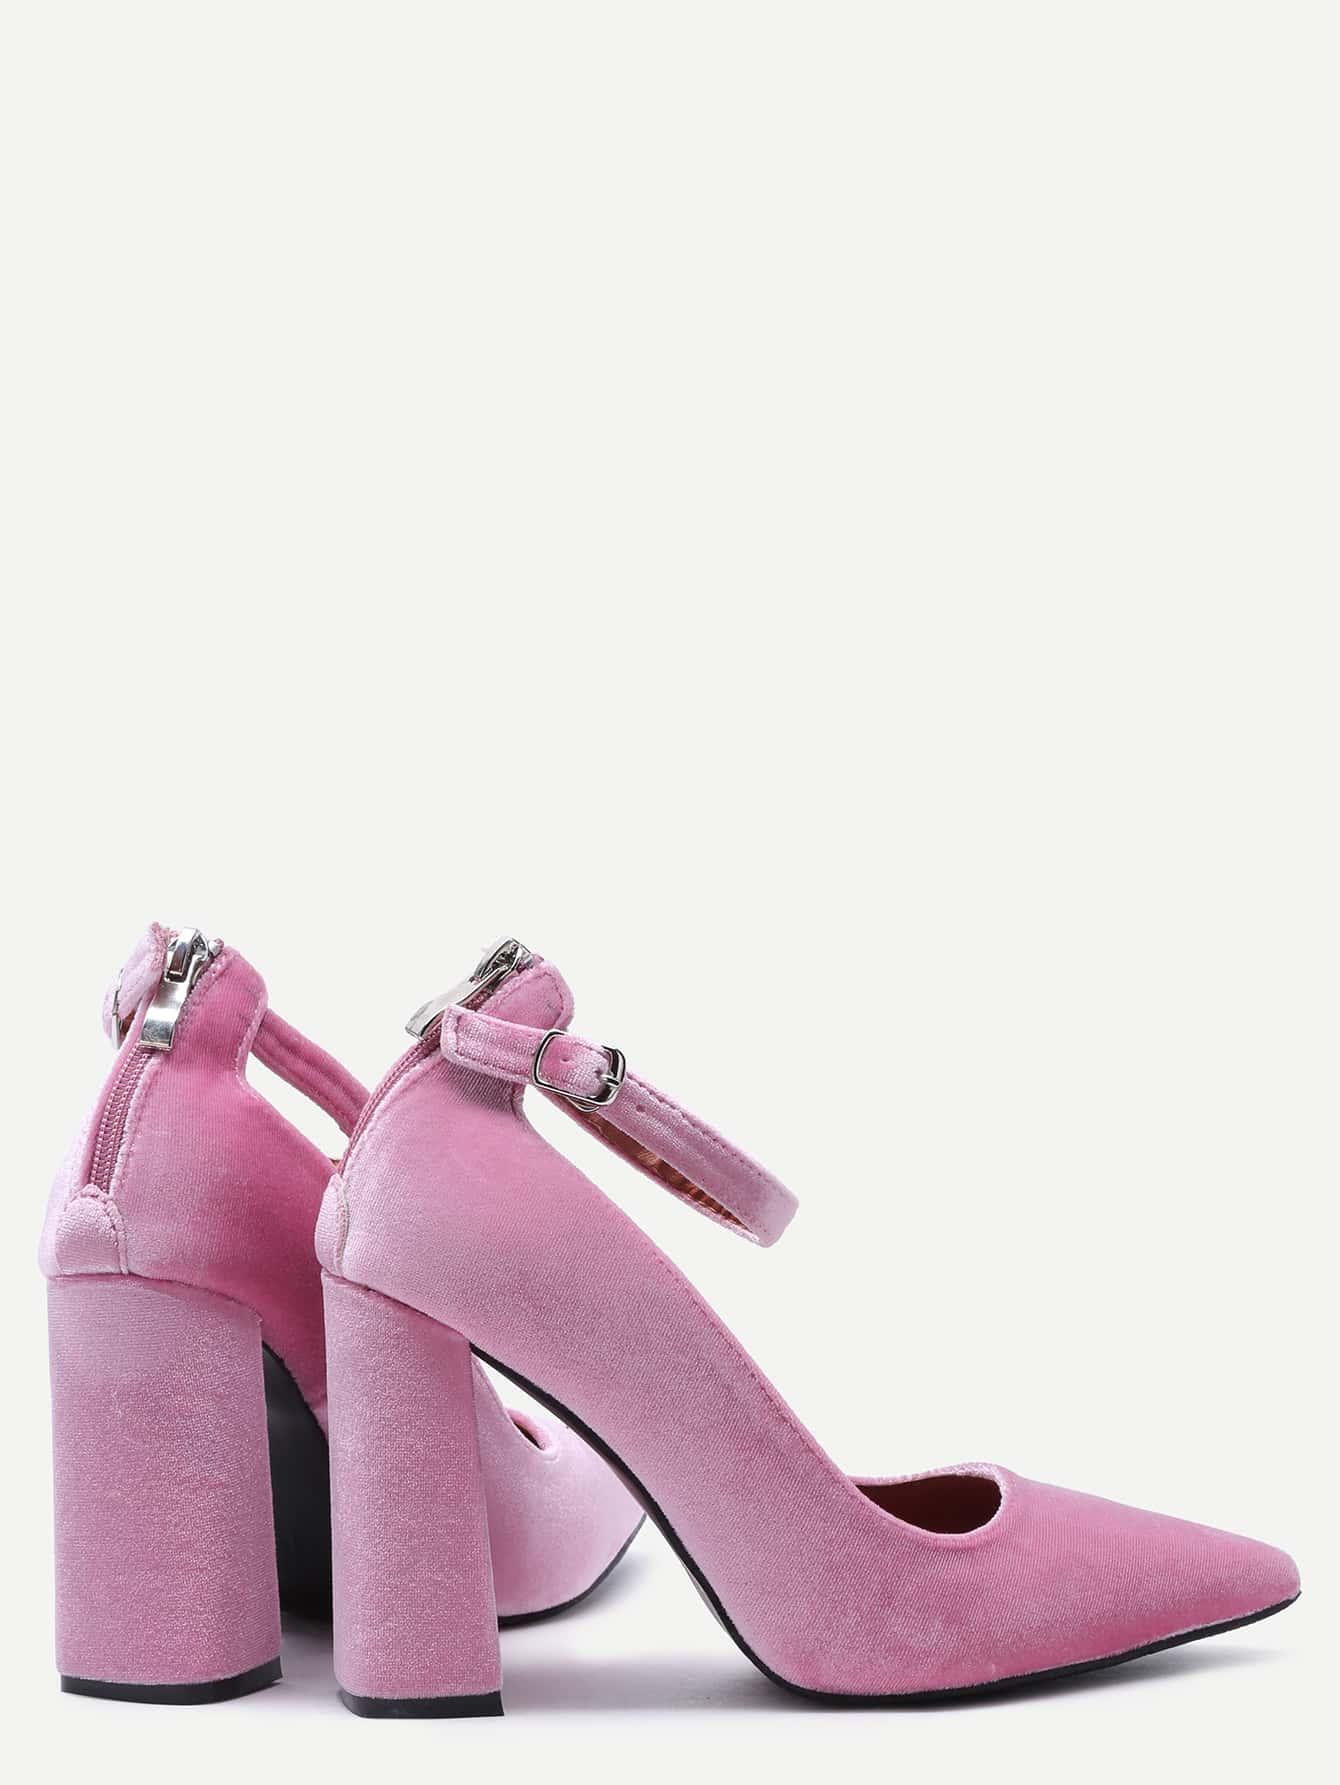 shoes161123810_2